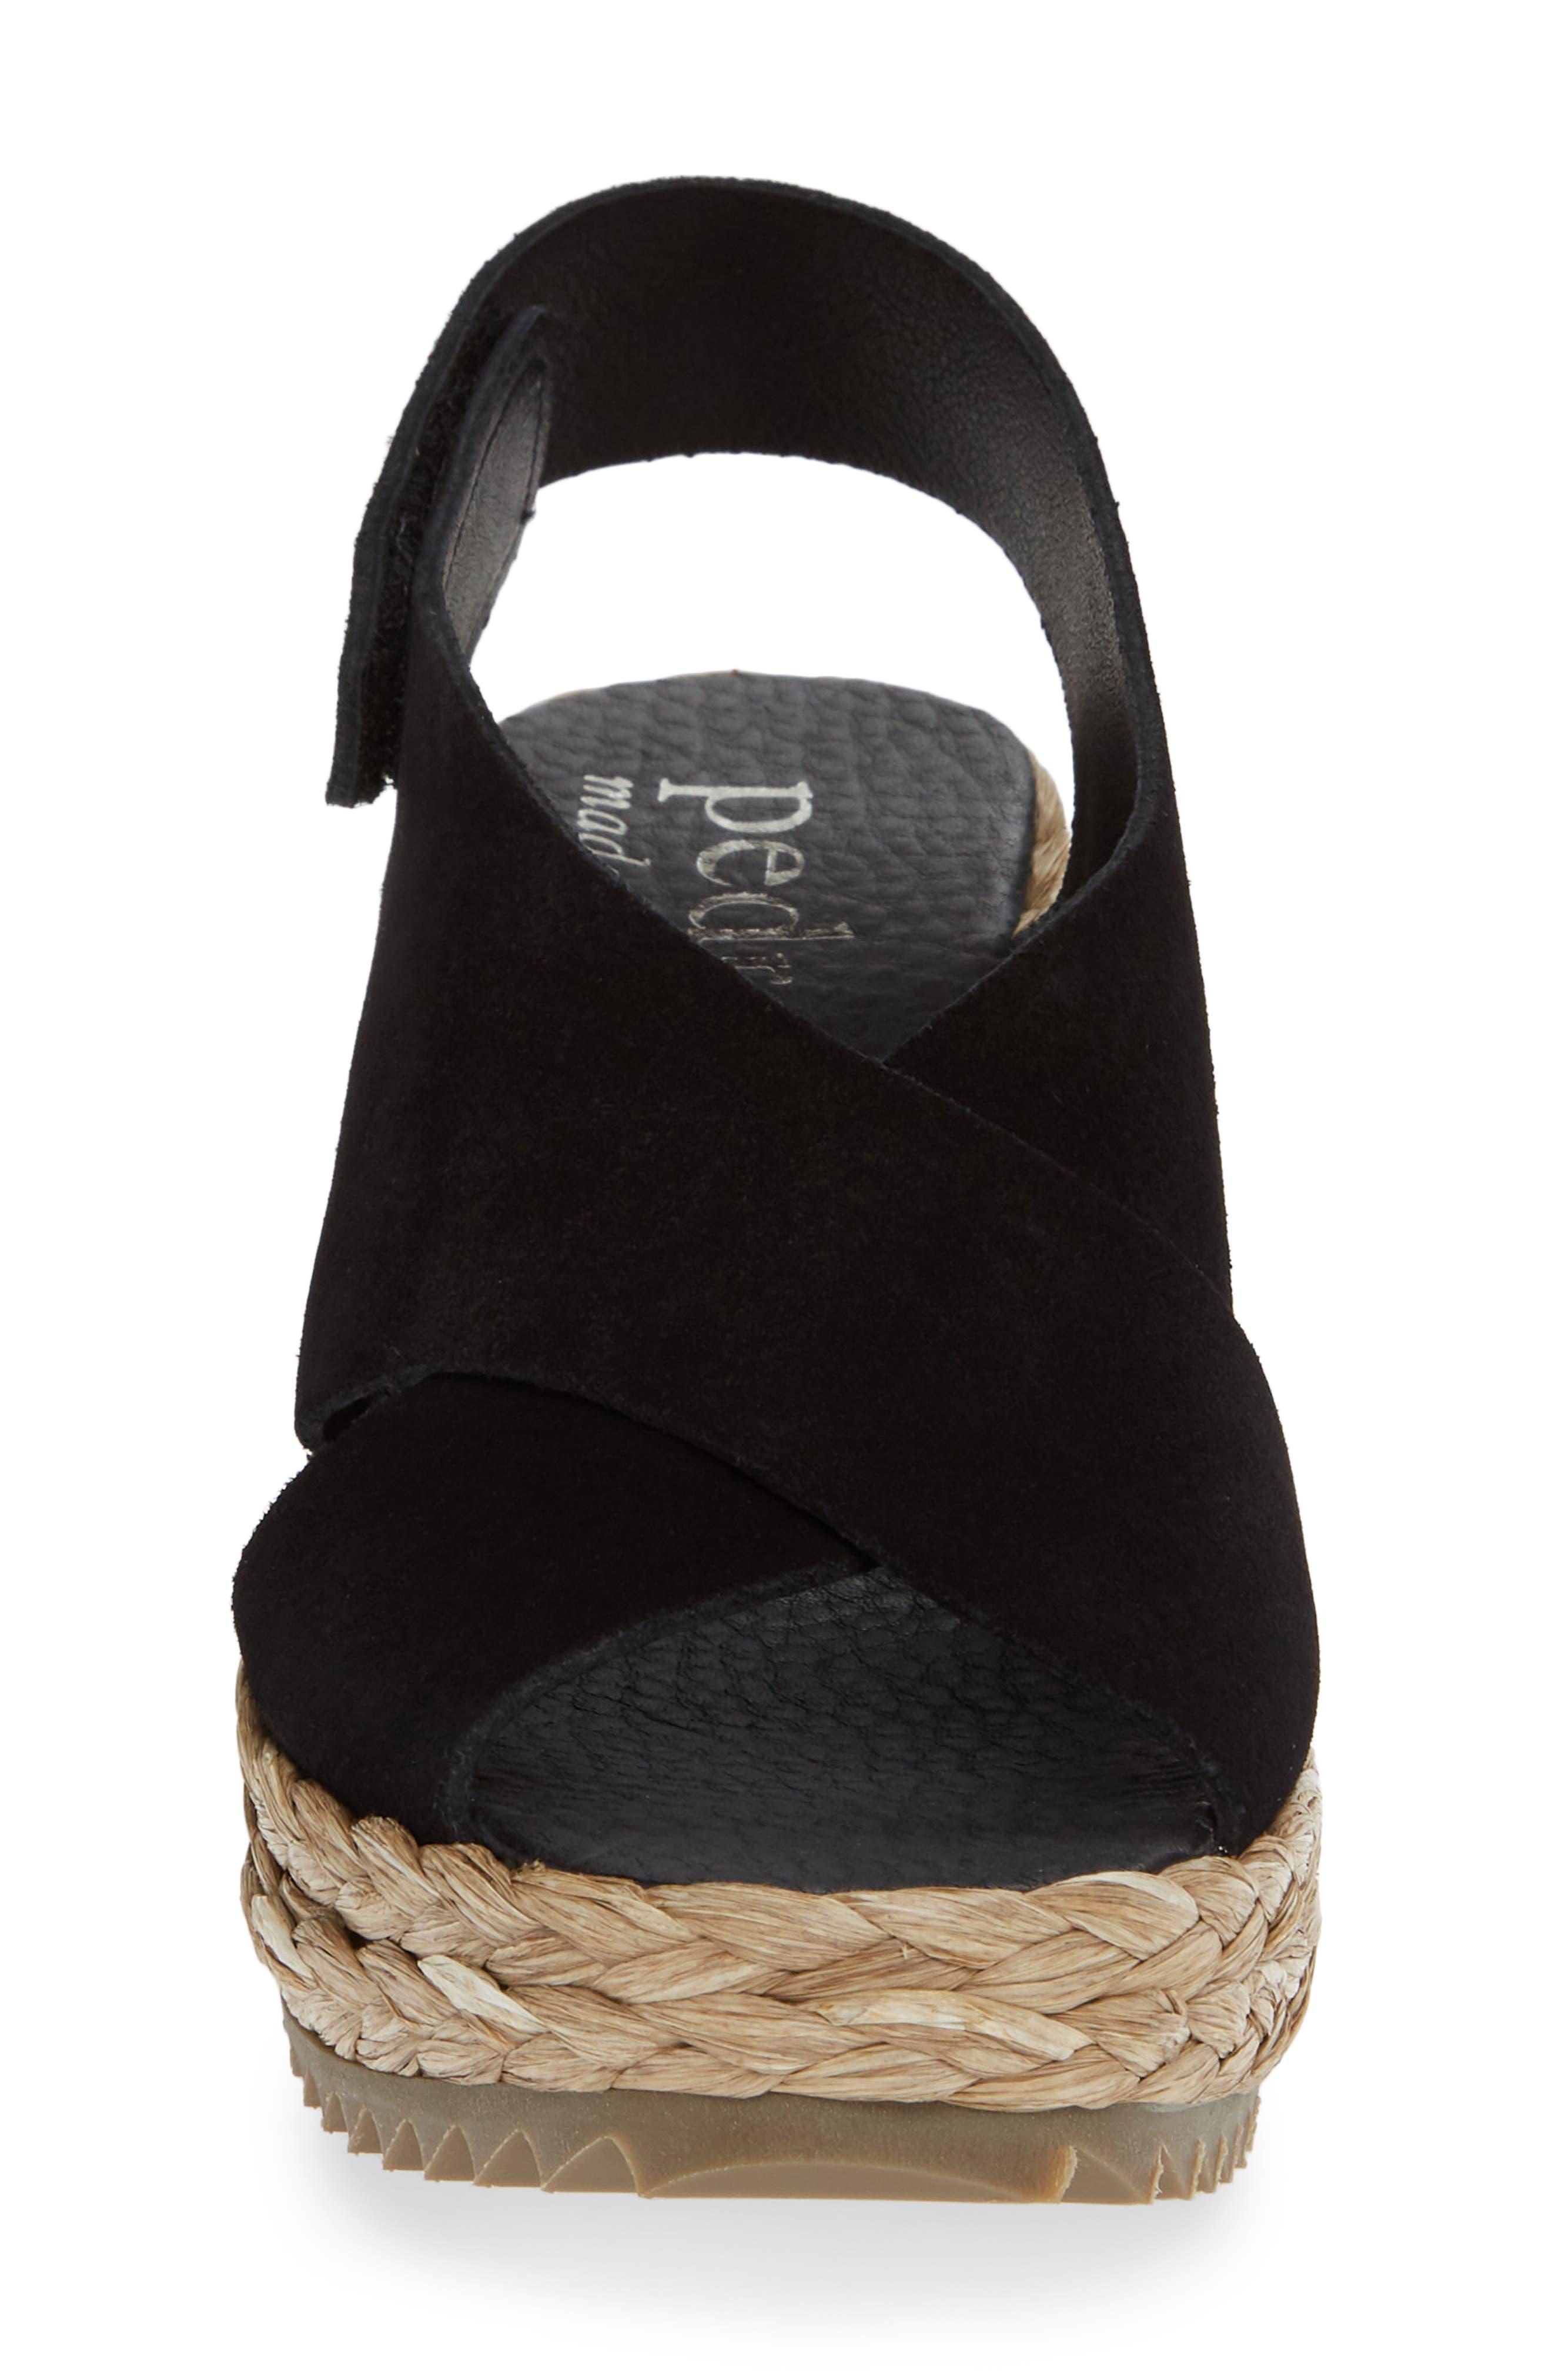 'Federica' Wedge Sandal,                             Alternate thumbnail 4, color,                             BLACK CASTORO/ RAFFIA